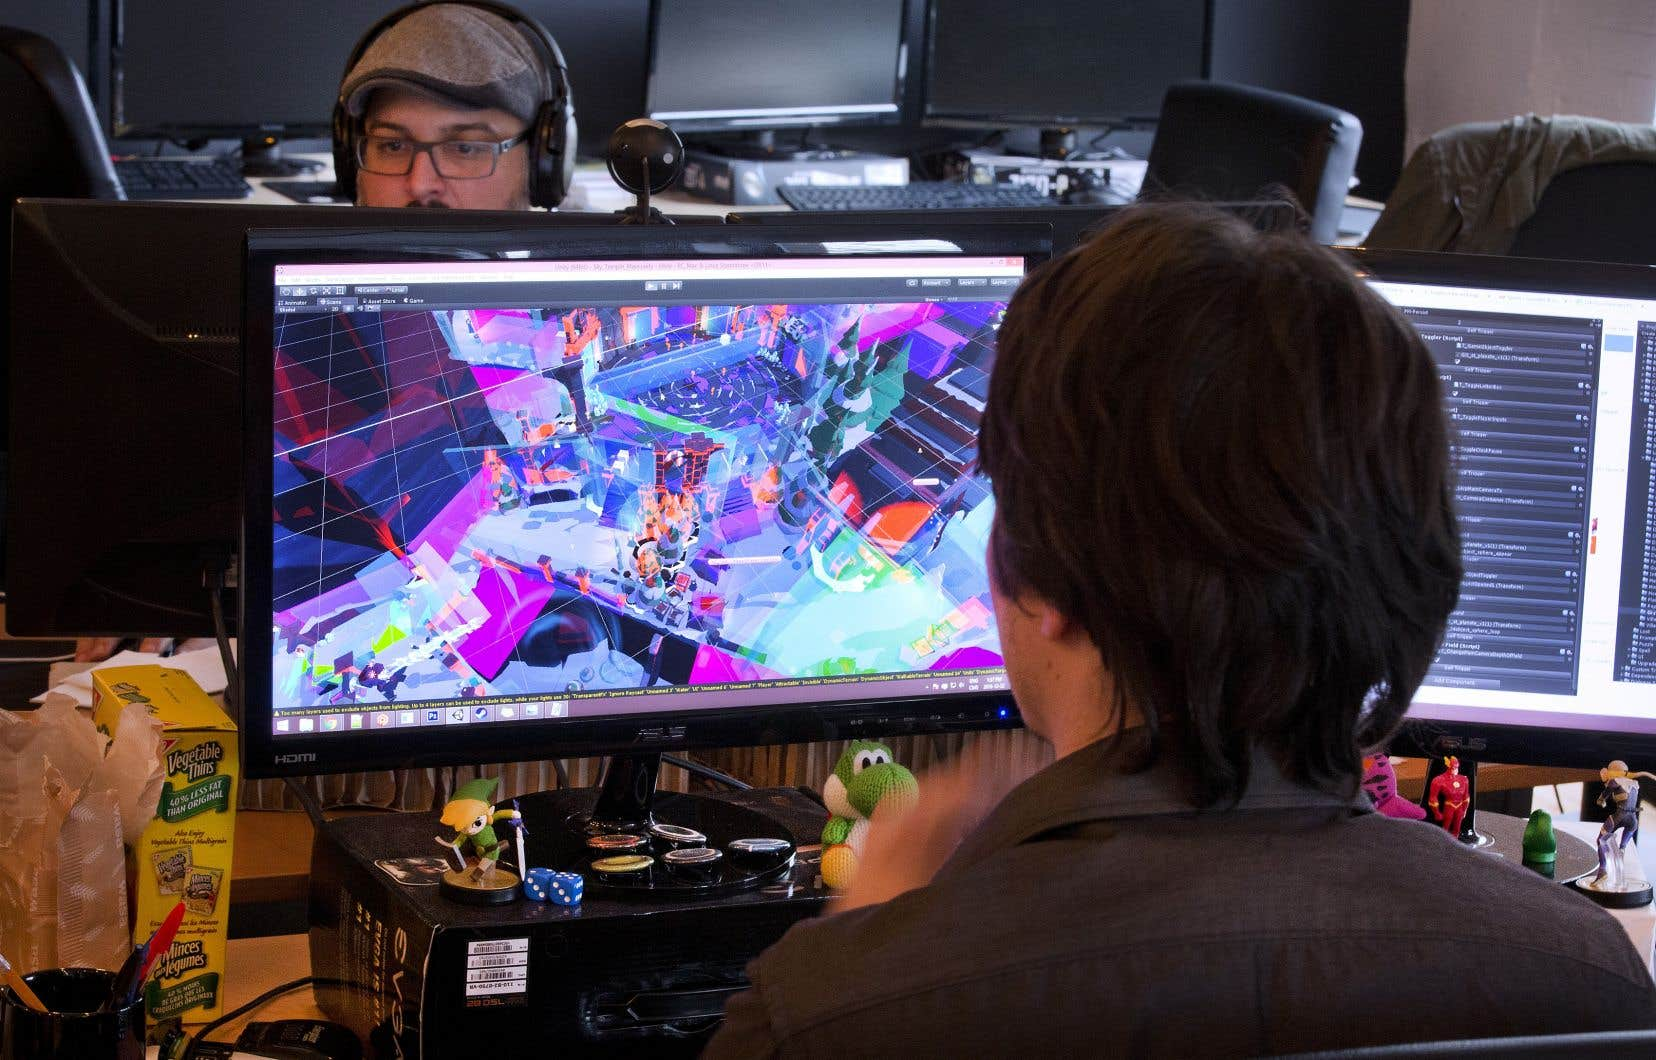 La réforme en immigration pourrait affecter l'embauche d'employés étrangers hautement qualifiés, essentiels aux studios québécois de jeux vidéo.